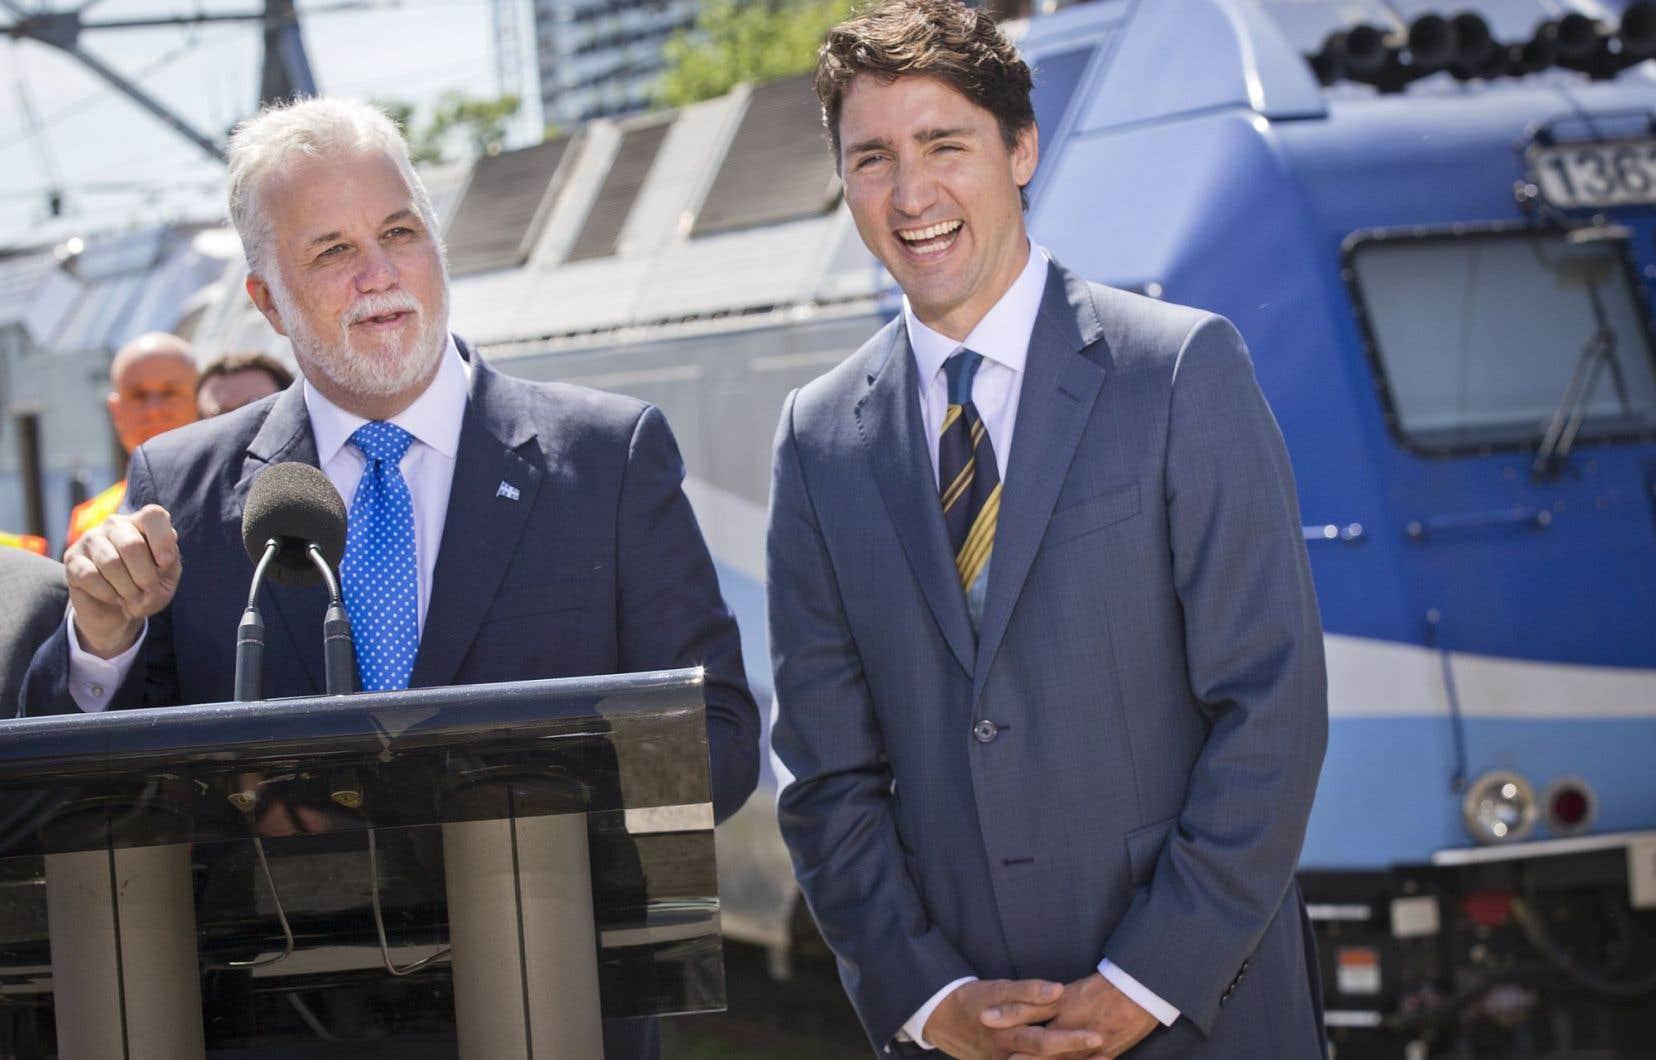 Le premier ministre du Québec, Philippe Couillard, et son homologue fédéral, Justin Trudeau